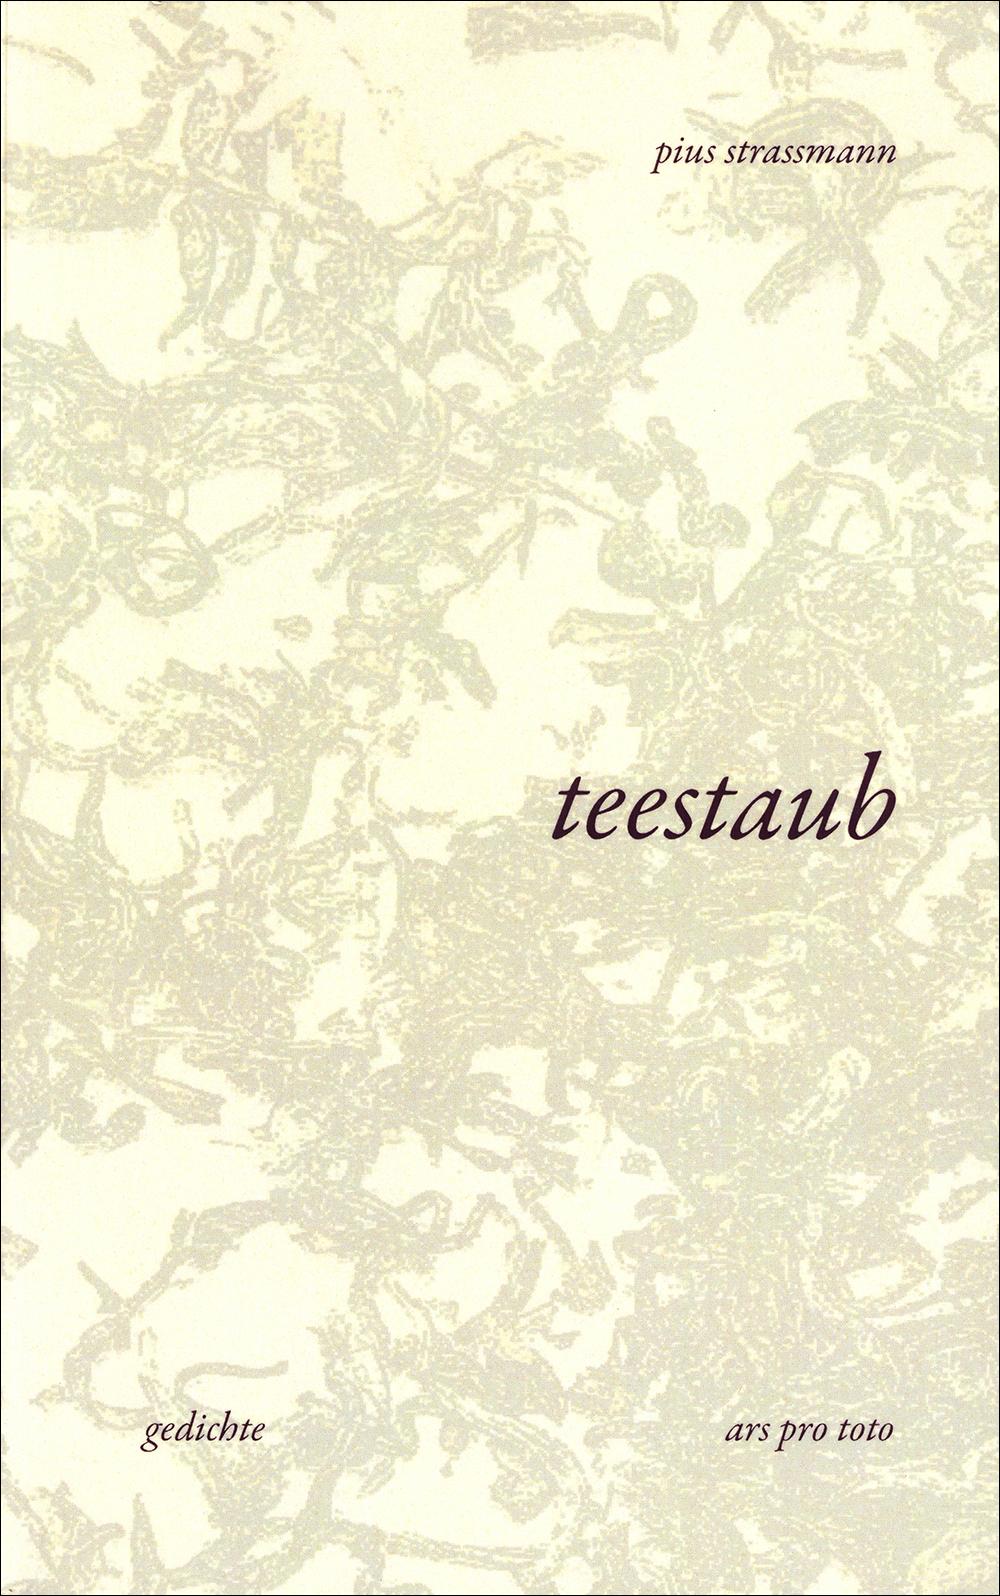 teestaub gedichte aus den jahren 2004 - 2008  oft sehr kurze, kristalline texte, sorgfältig gestaltet von christof huber  fr. 25.90 oder etwas preisgünstiger in der hirschmatt-buchhandlung  isbn 978-3-033-01919-5